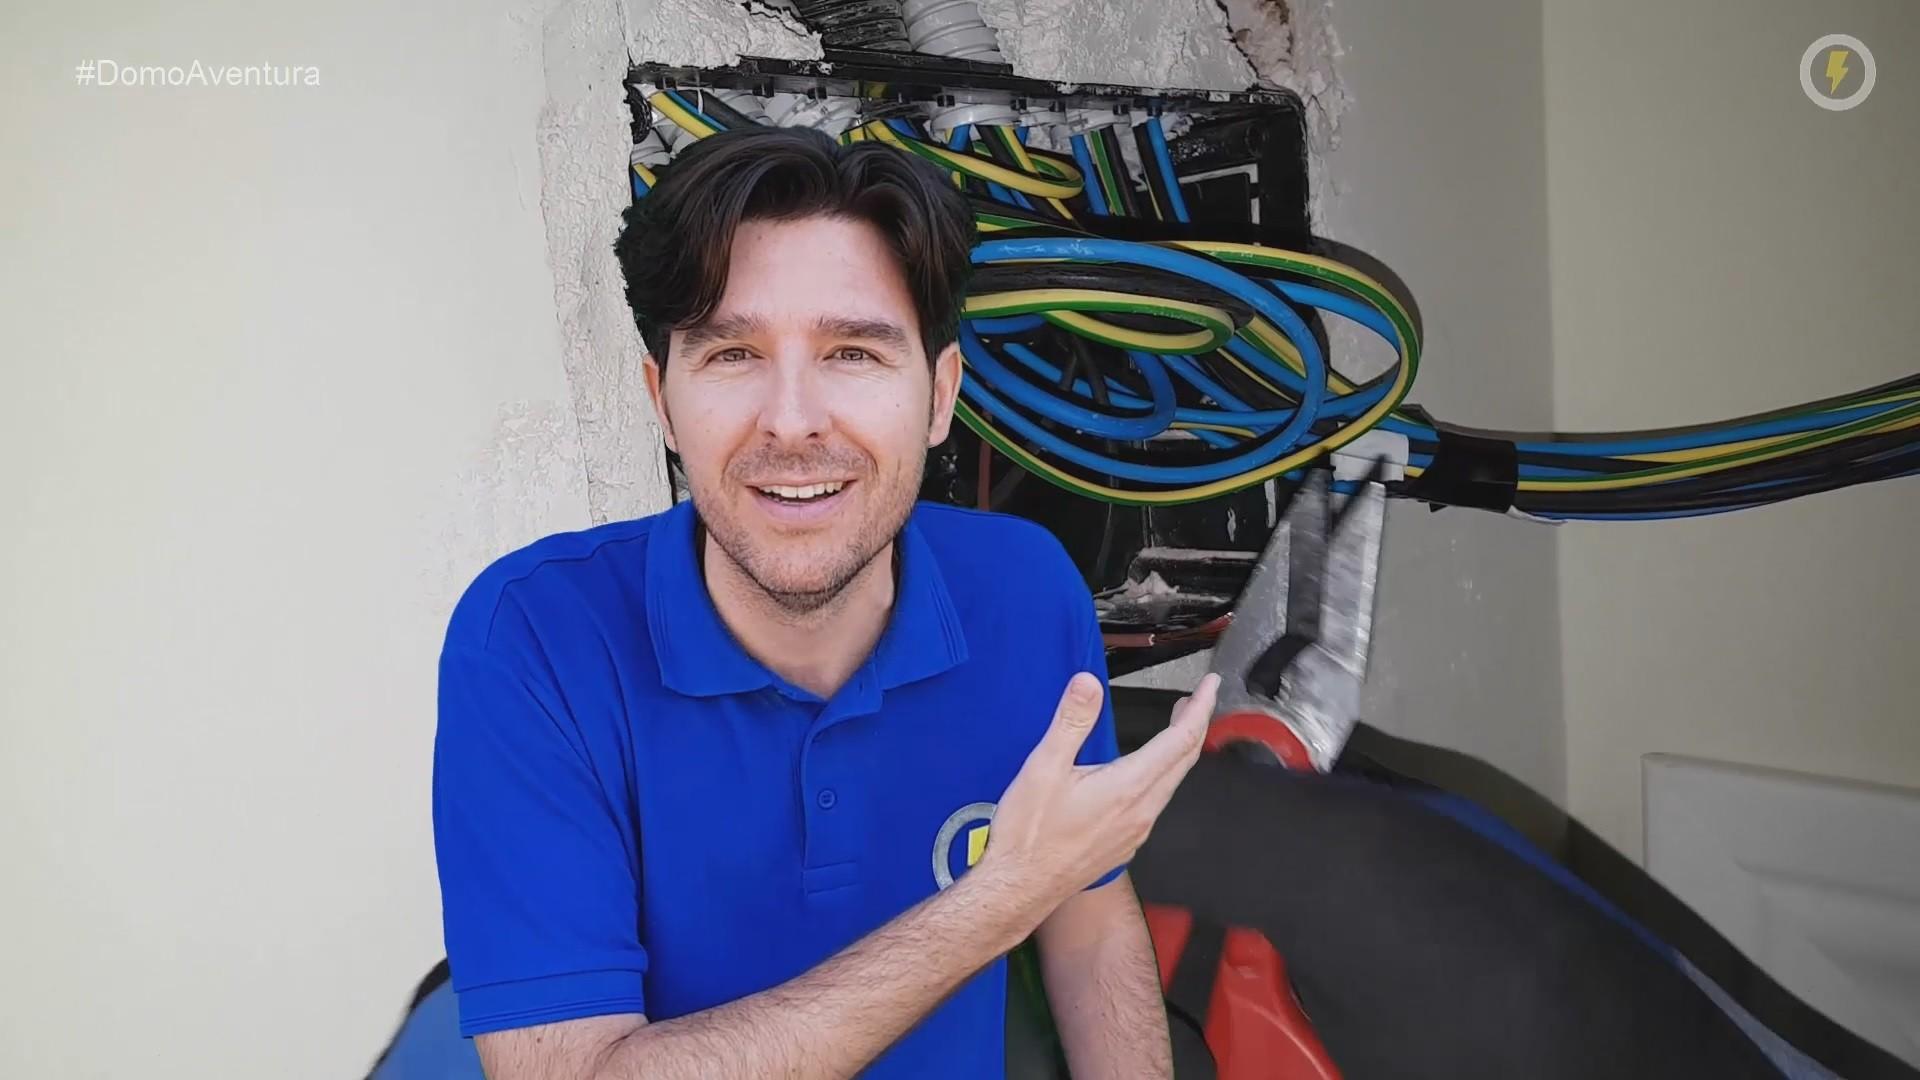 electricista_electricidad_cocina_reforma_tijeras_cables_instalar_fichas_conectar_domo_electra_manuel_amate